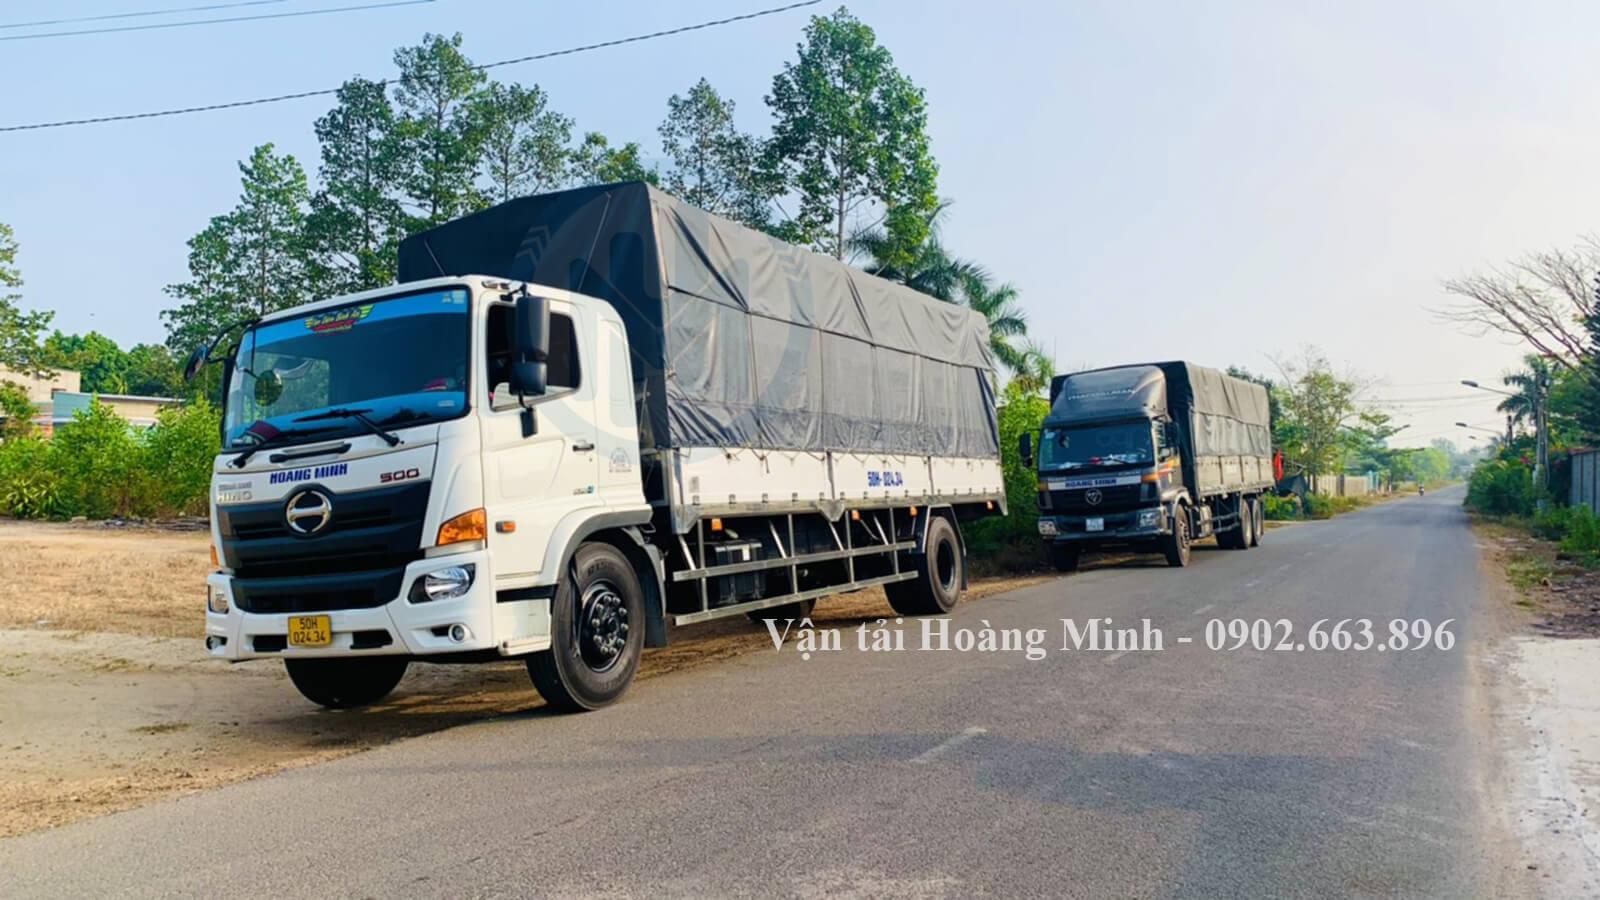 Vận tải Hoàng Minh cho thuê xe tải chở hàng đi những tỉnh nào